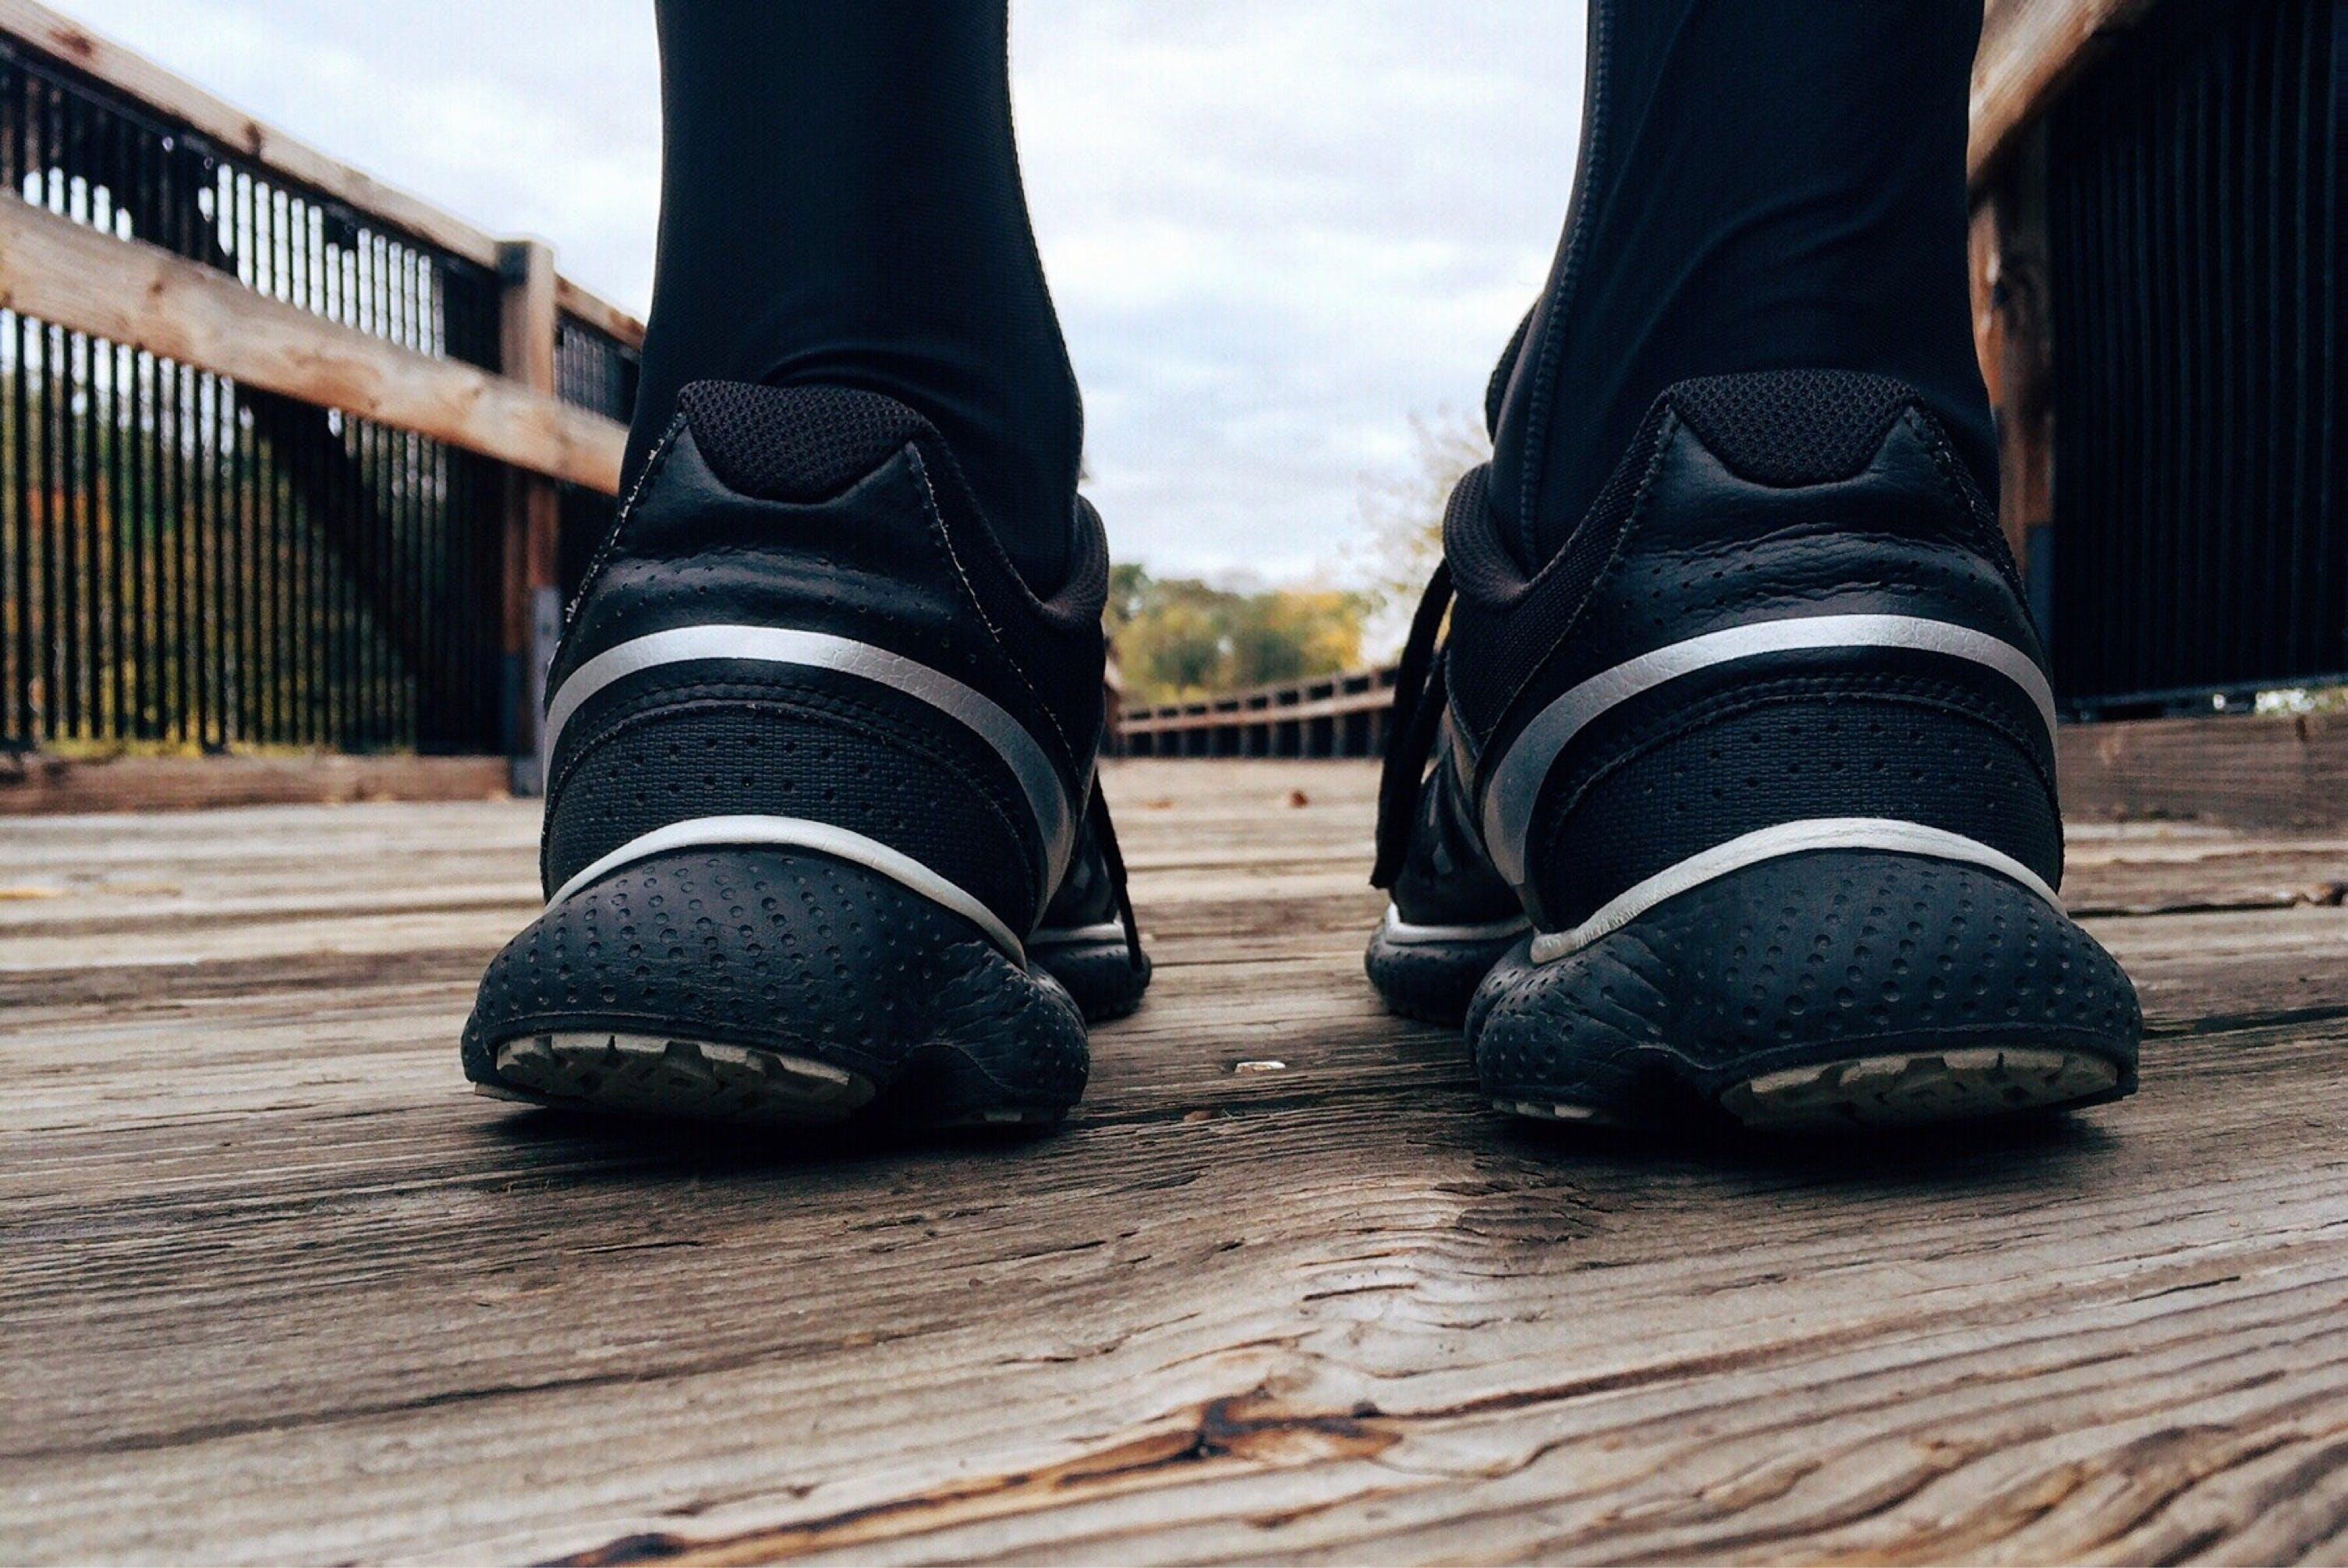 Ben, fodtøj, fødder